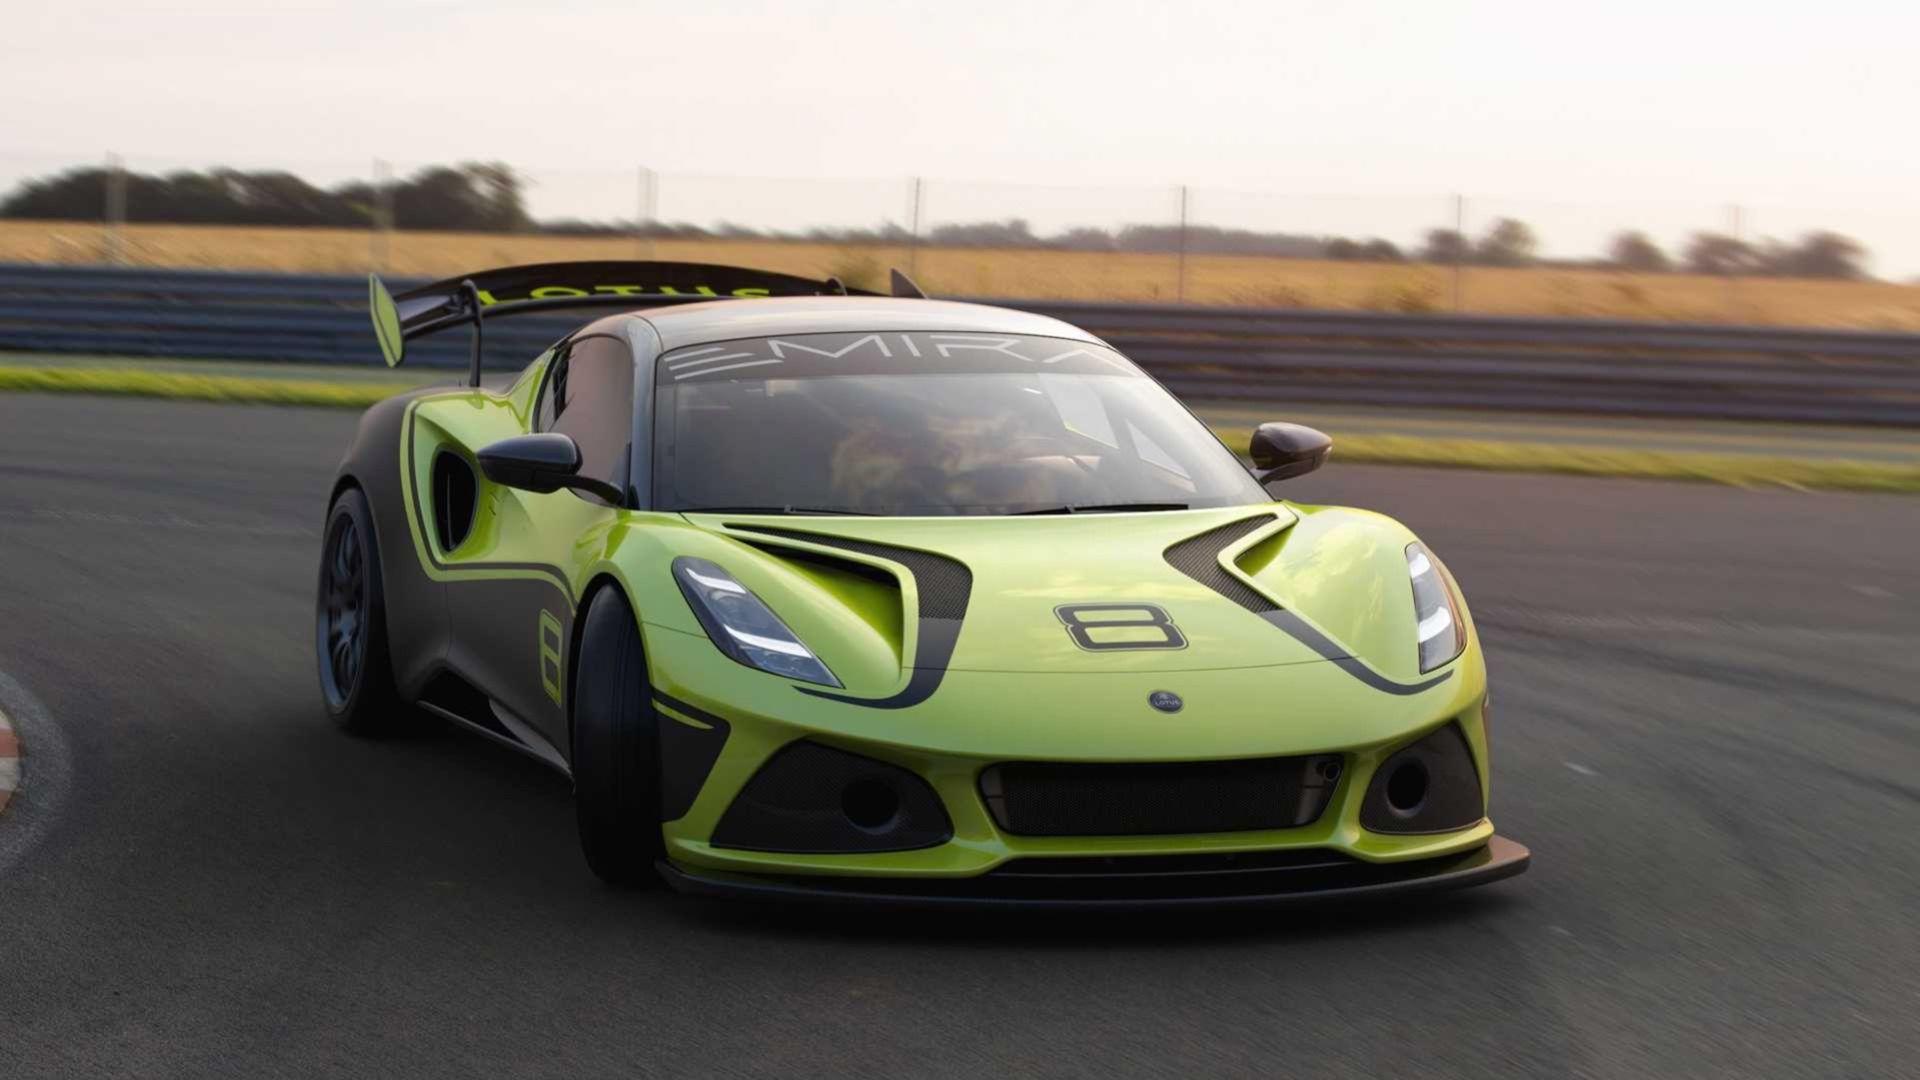 Lotus Emira i racingkostym